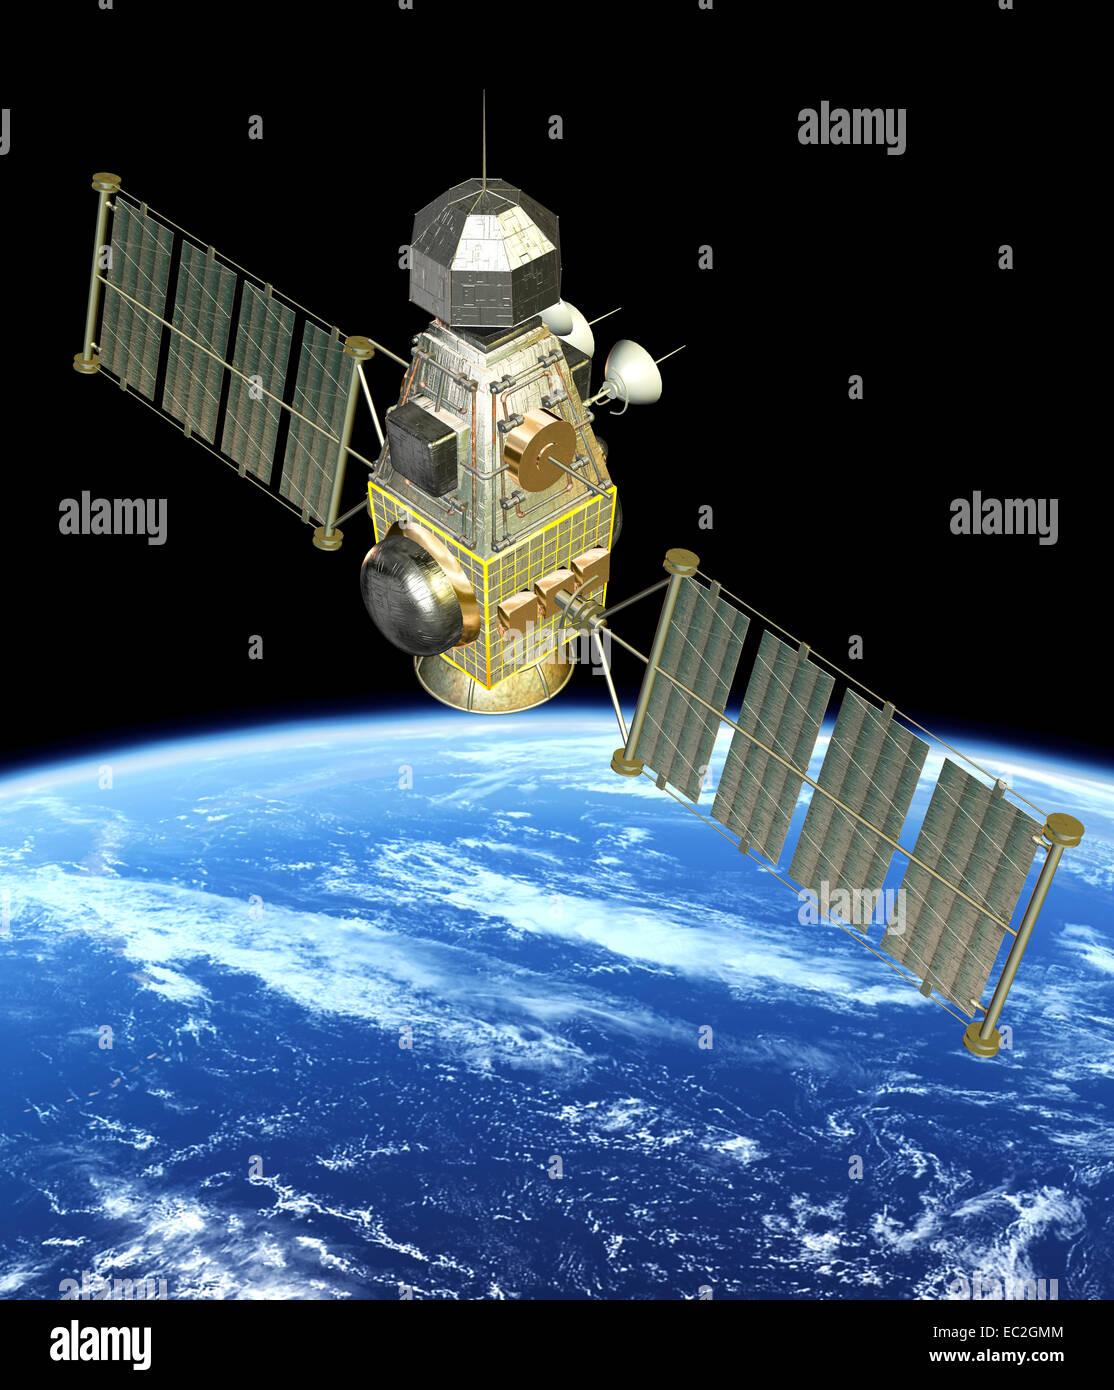 Künstler-Konzept des Raumfahrzeugs und der Erde Stockbild